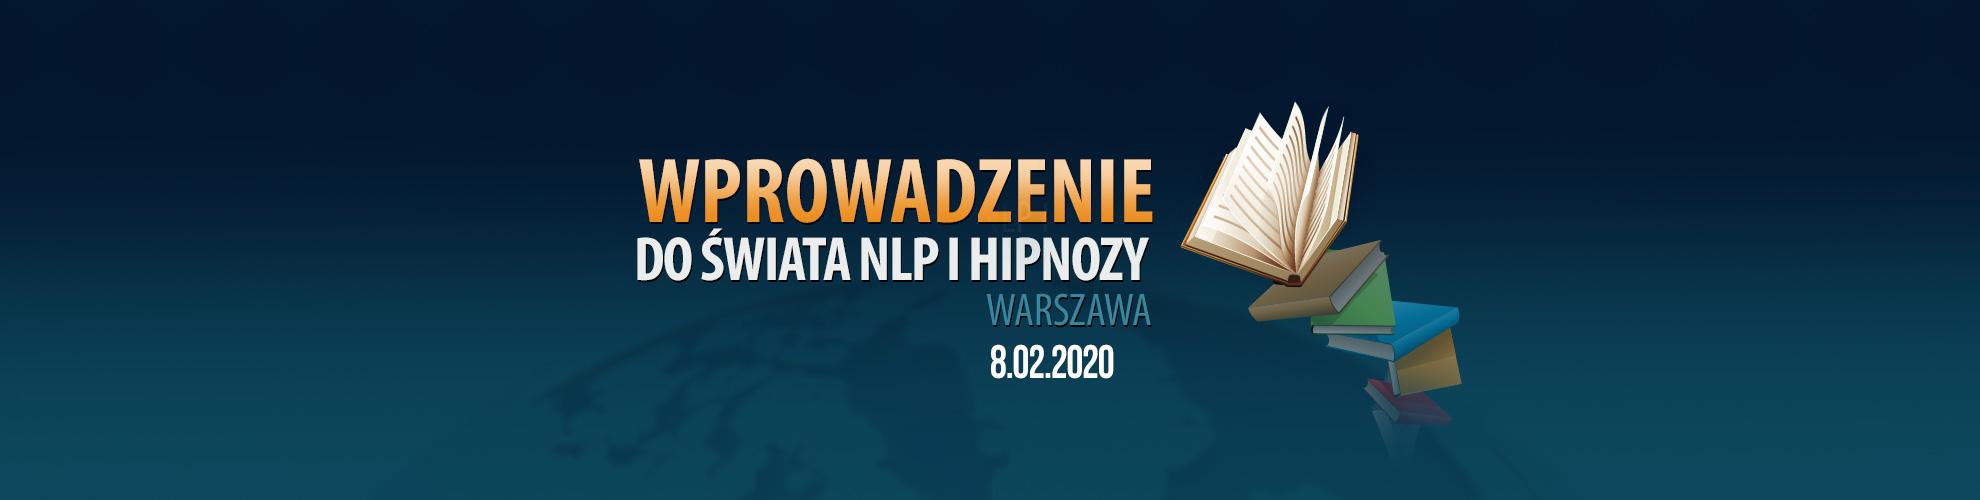 WPROWADZENIE-DO-NLP-I-HIPNOZY